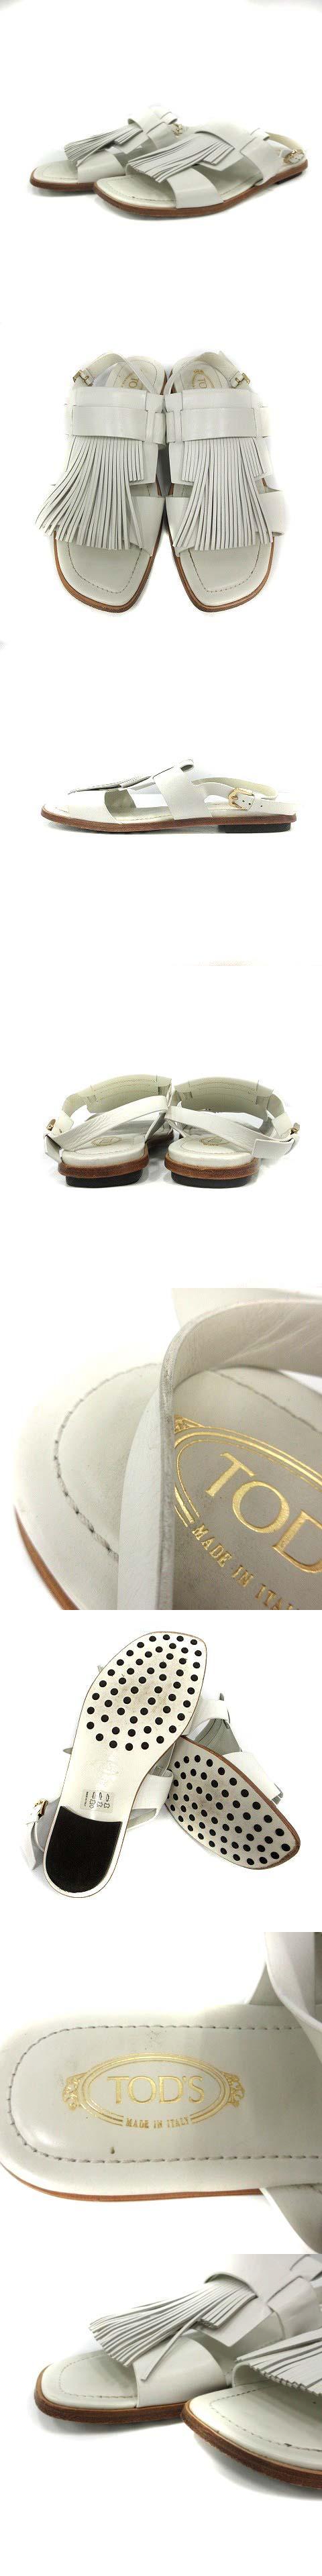 サンダル ストラップ フラット レザー フリンジ 36.5 白 /YI29